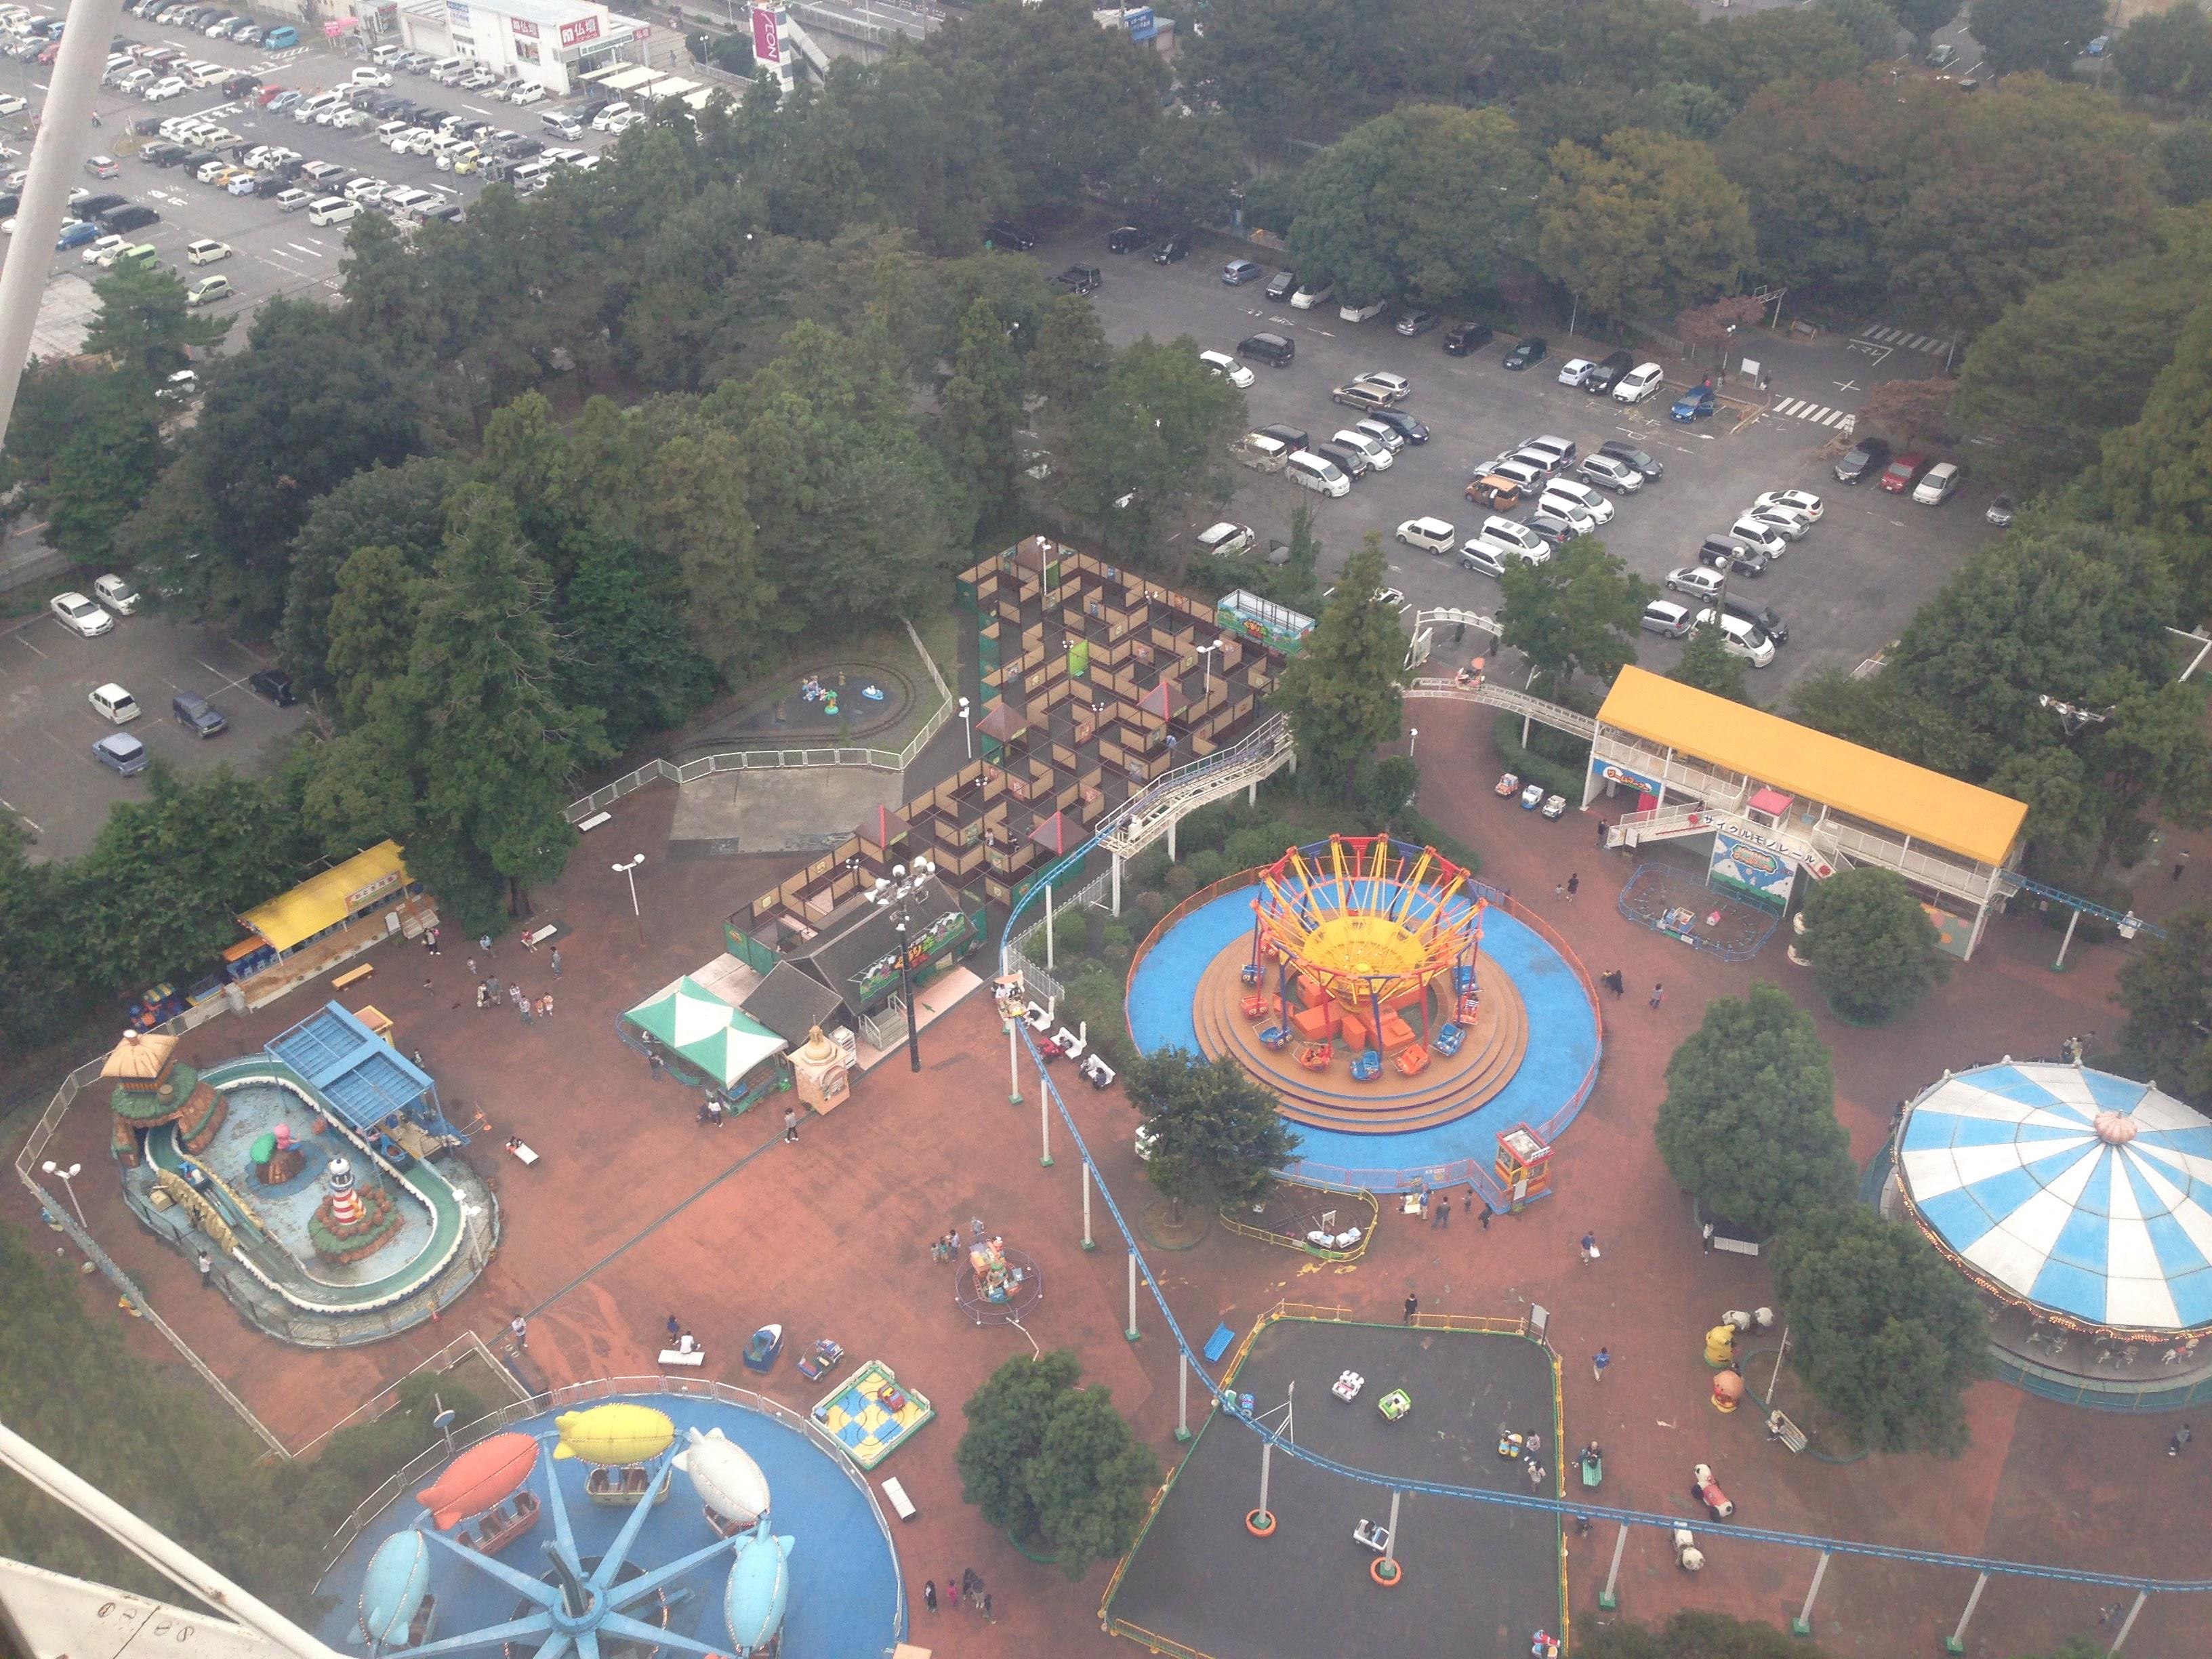 ディズニーやUSJに行かなくても楽しめる!地方の小さな遊園地に行こう